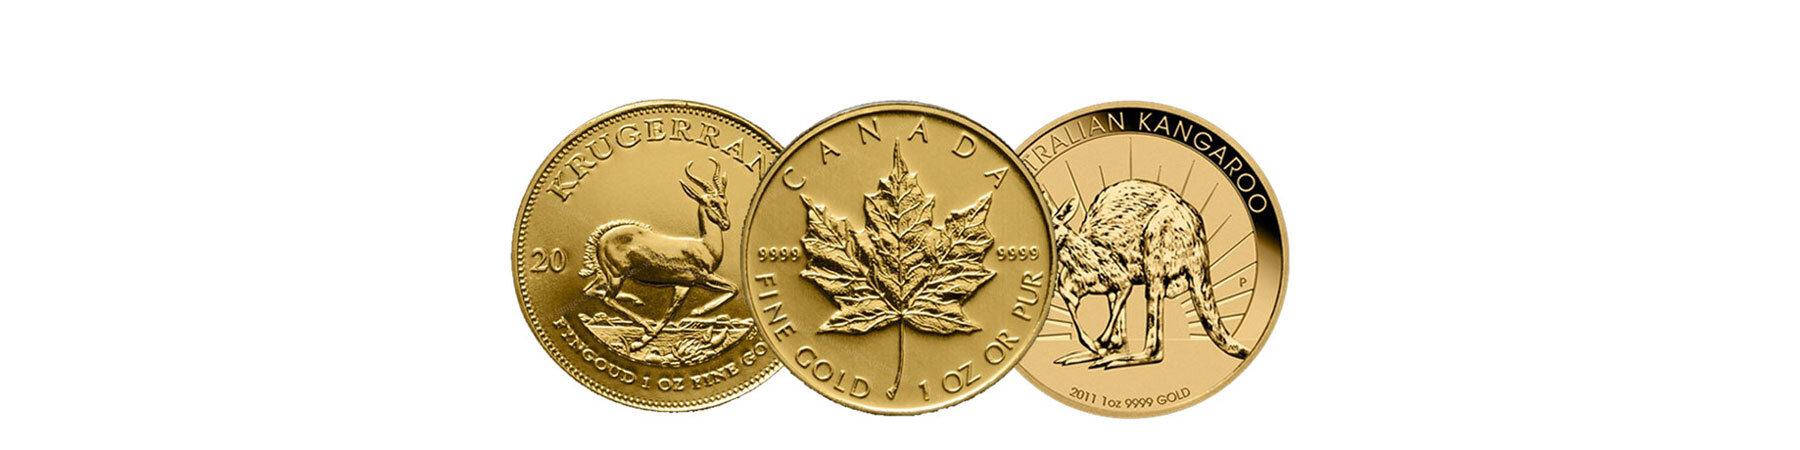 Anlagemünzen Gold 1 Oz Krügerrand Maple Leaf Australian Kangaroo.jpg